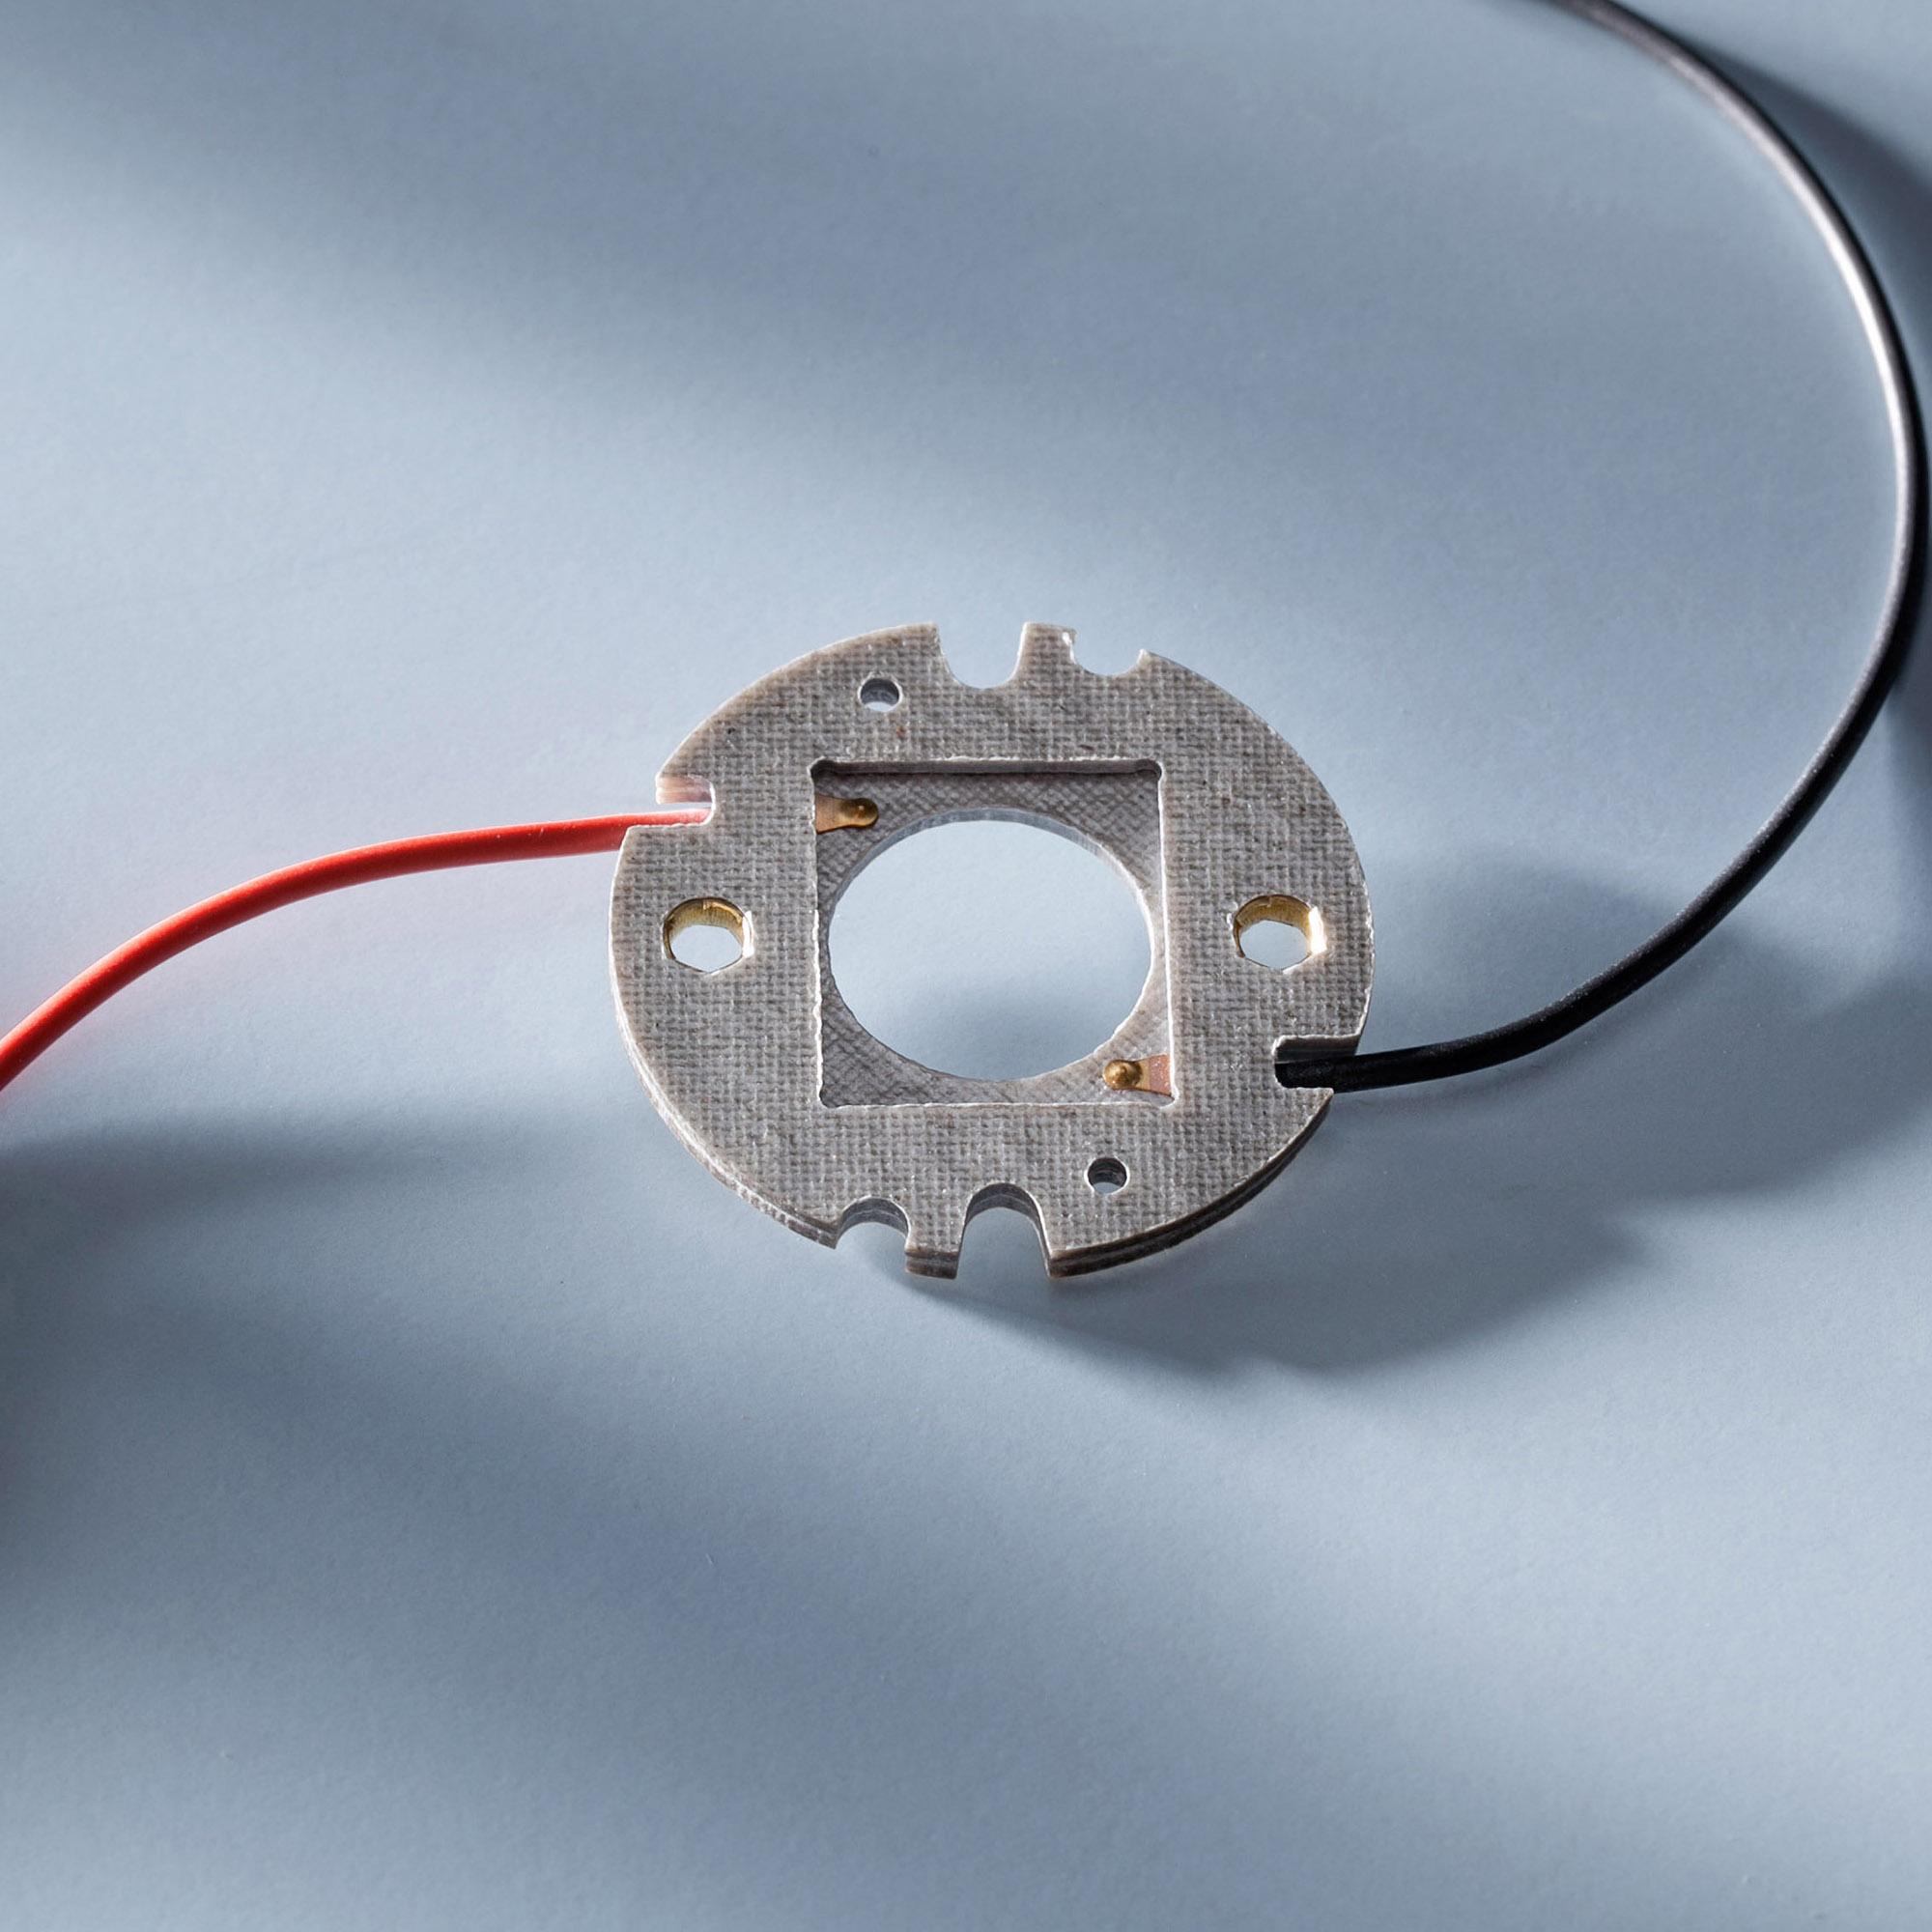 Bender & Wirth GmbH & Co. KG Bender&Wirth Anschlusselement für Nichia COB-B Familie 19x16mm, Type 036/048/060/072 438 Typ L1 438/44482/TypL1